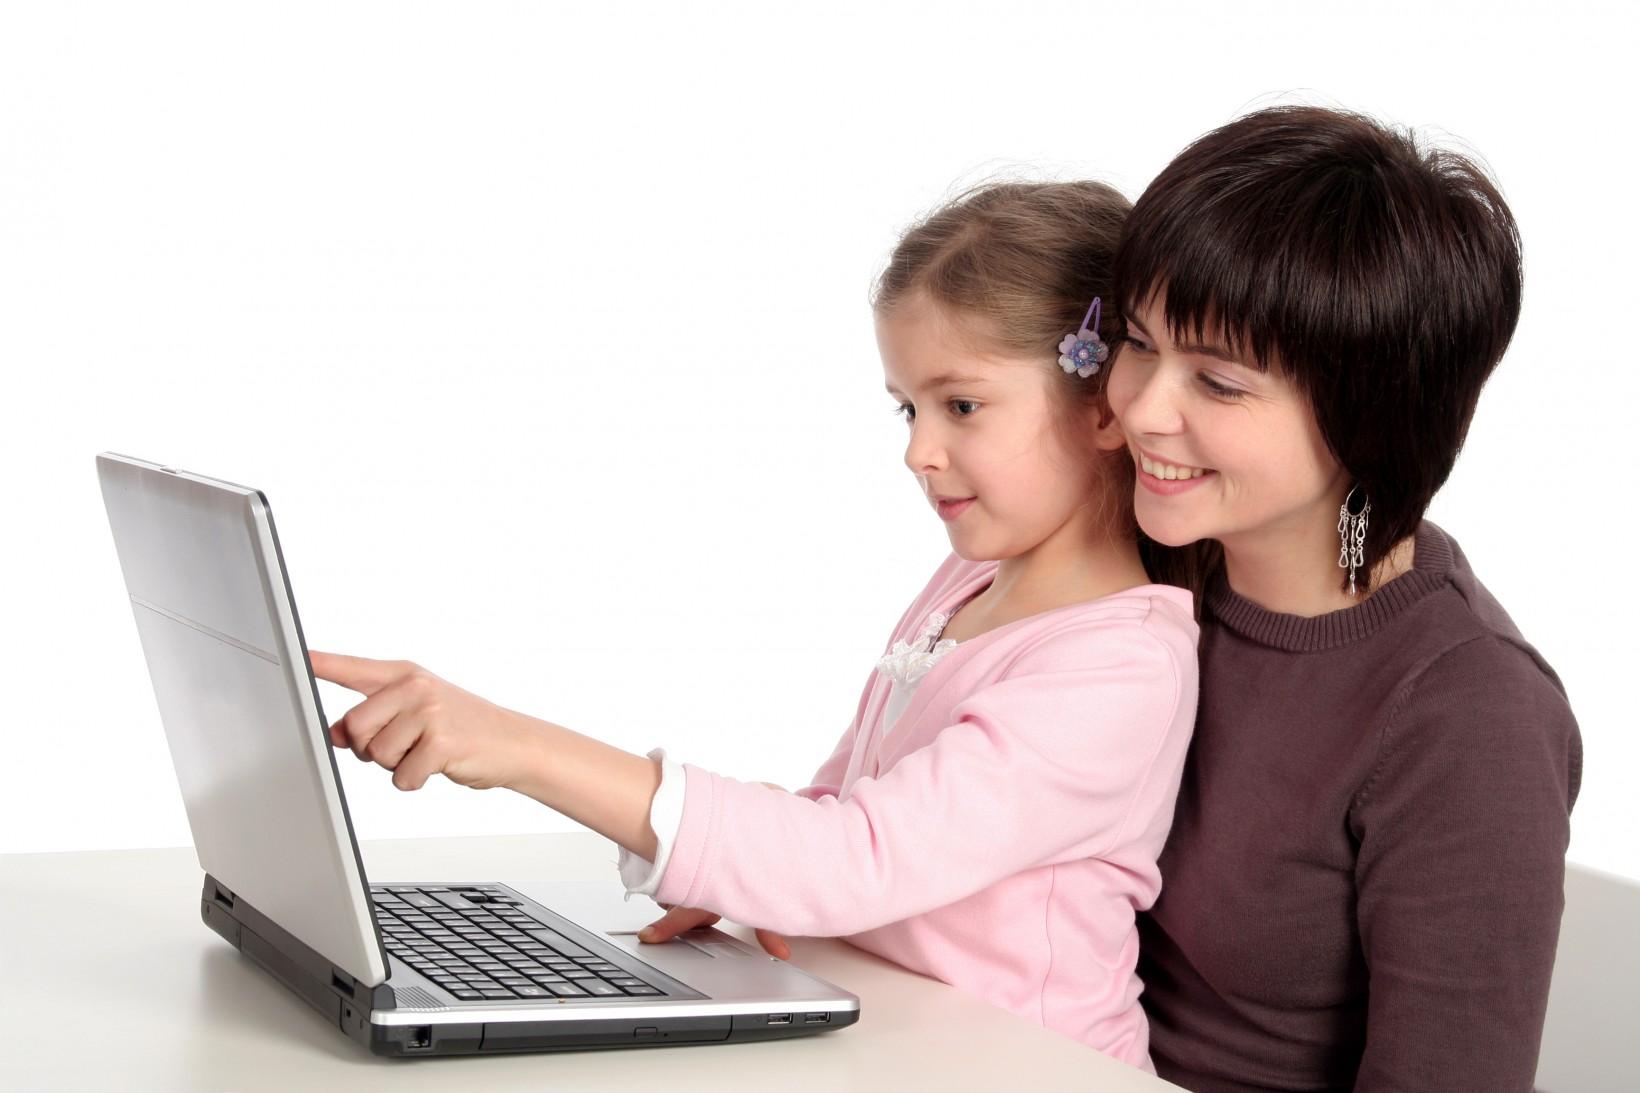 Mπαίνετε στο διαδίκτυο πάντα ΜΑΖΙ ΜΕ ΤΟΥΣ ΓΟΝΕΙΣ ΣΑΣ!!!